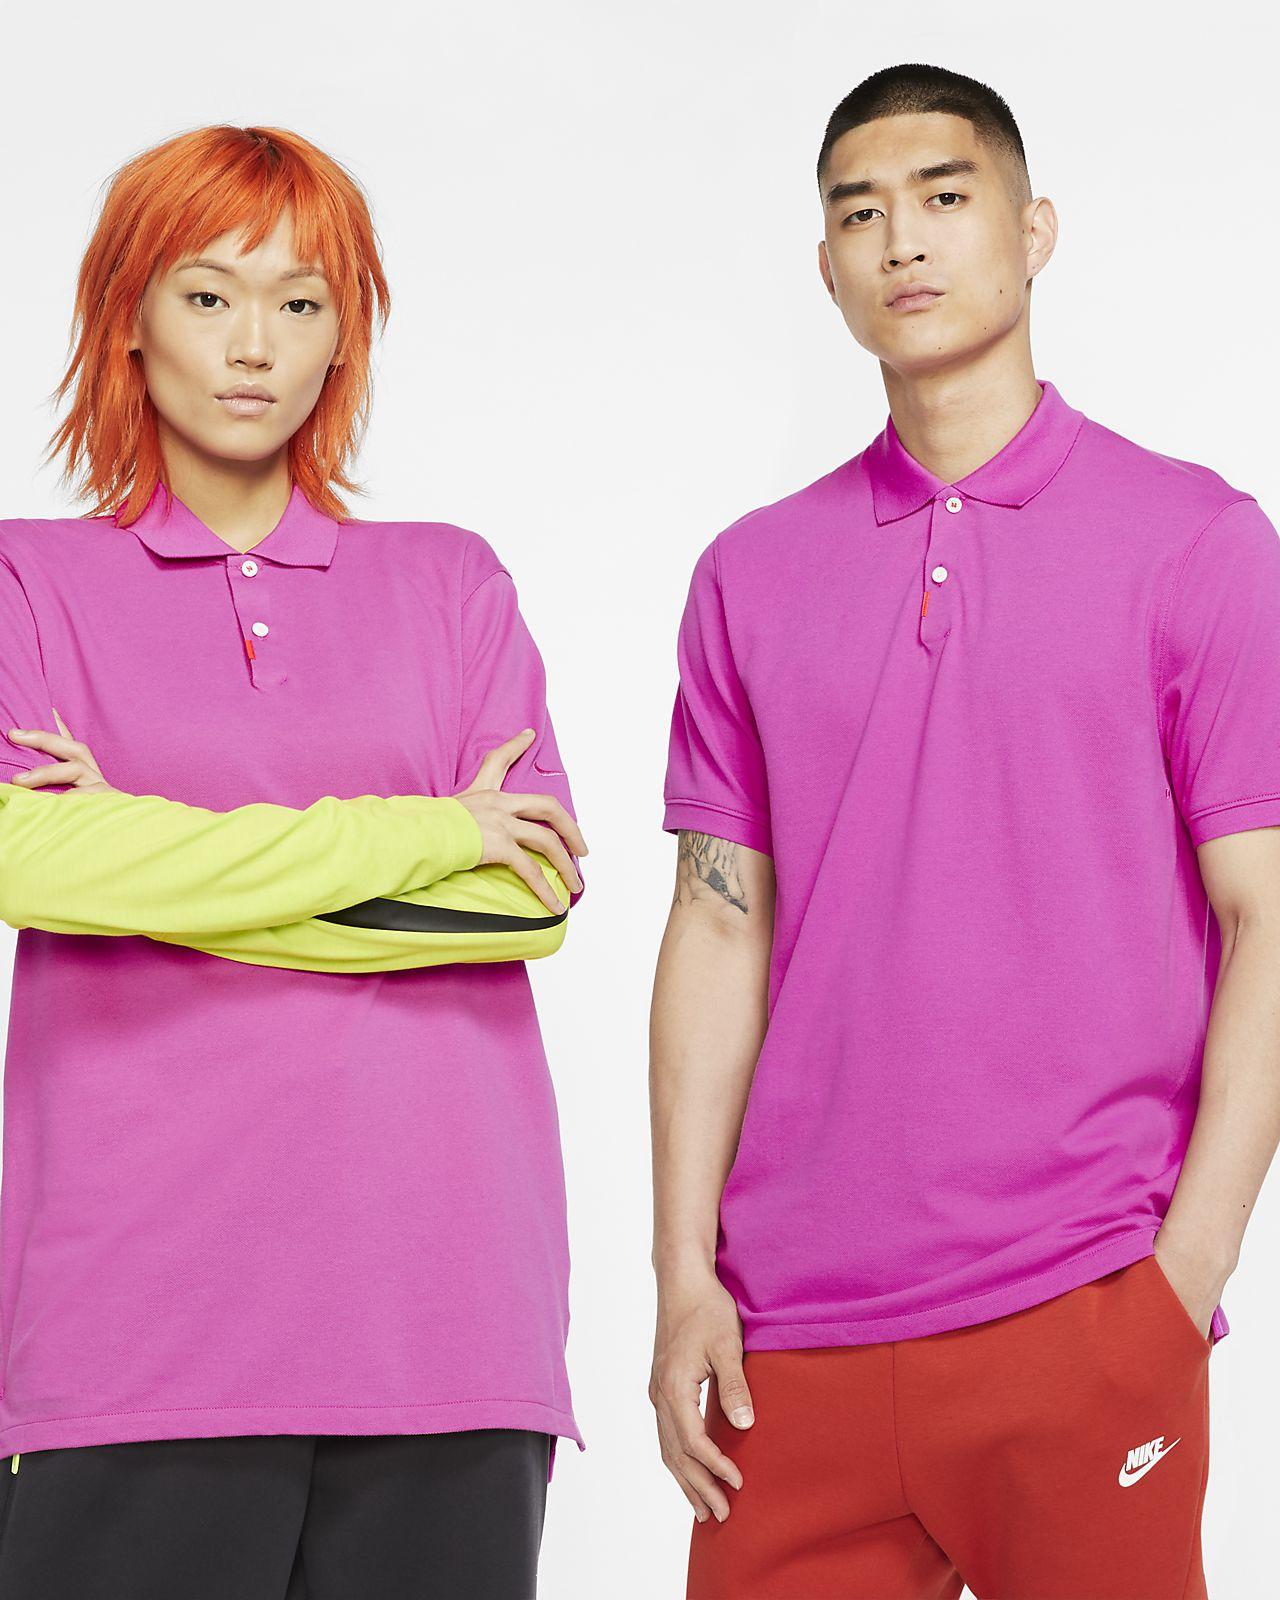 Unisex polokošile Nike Slim Fit Polo